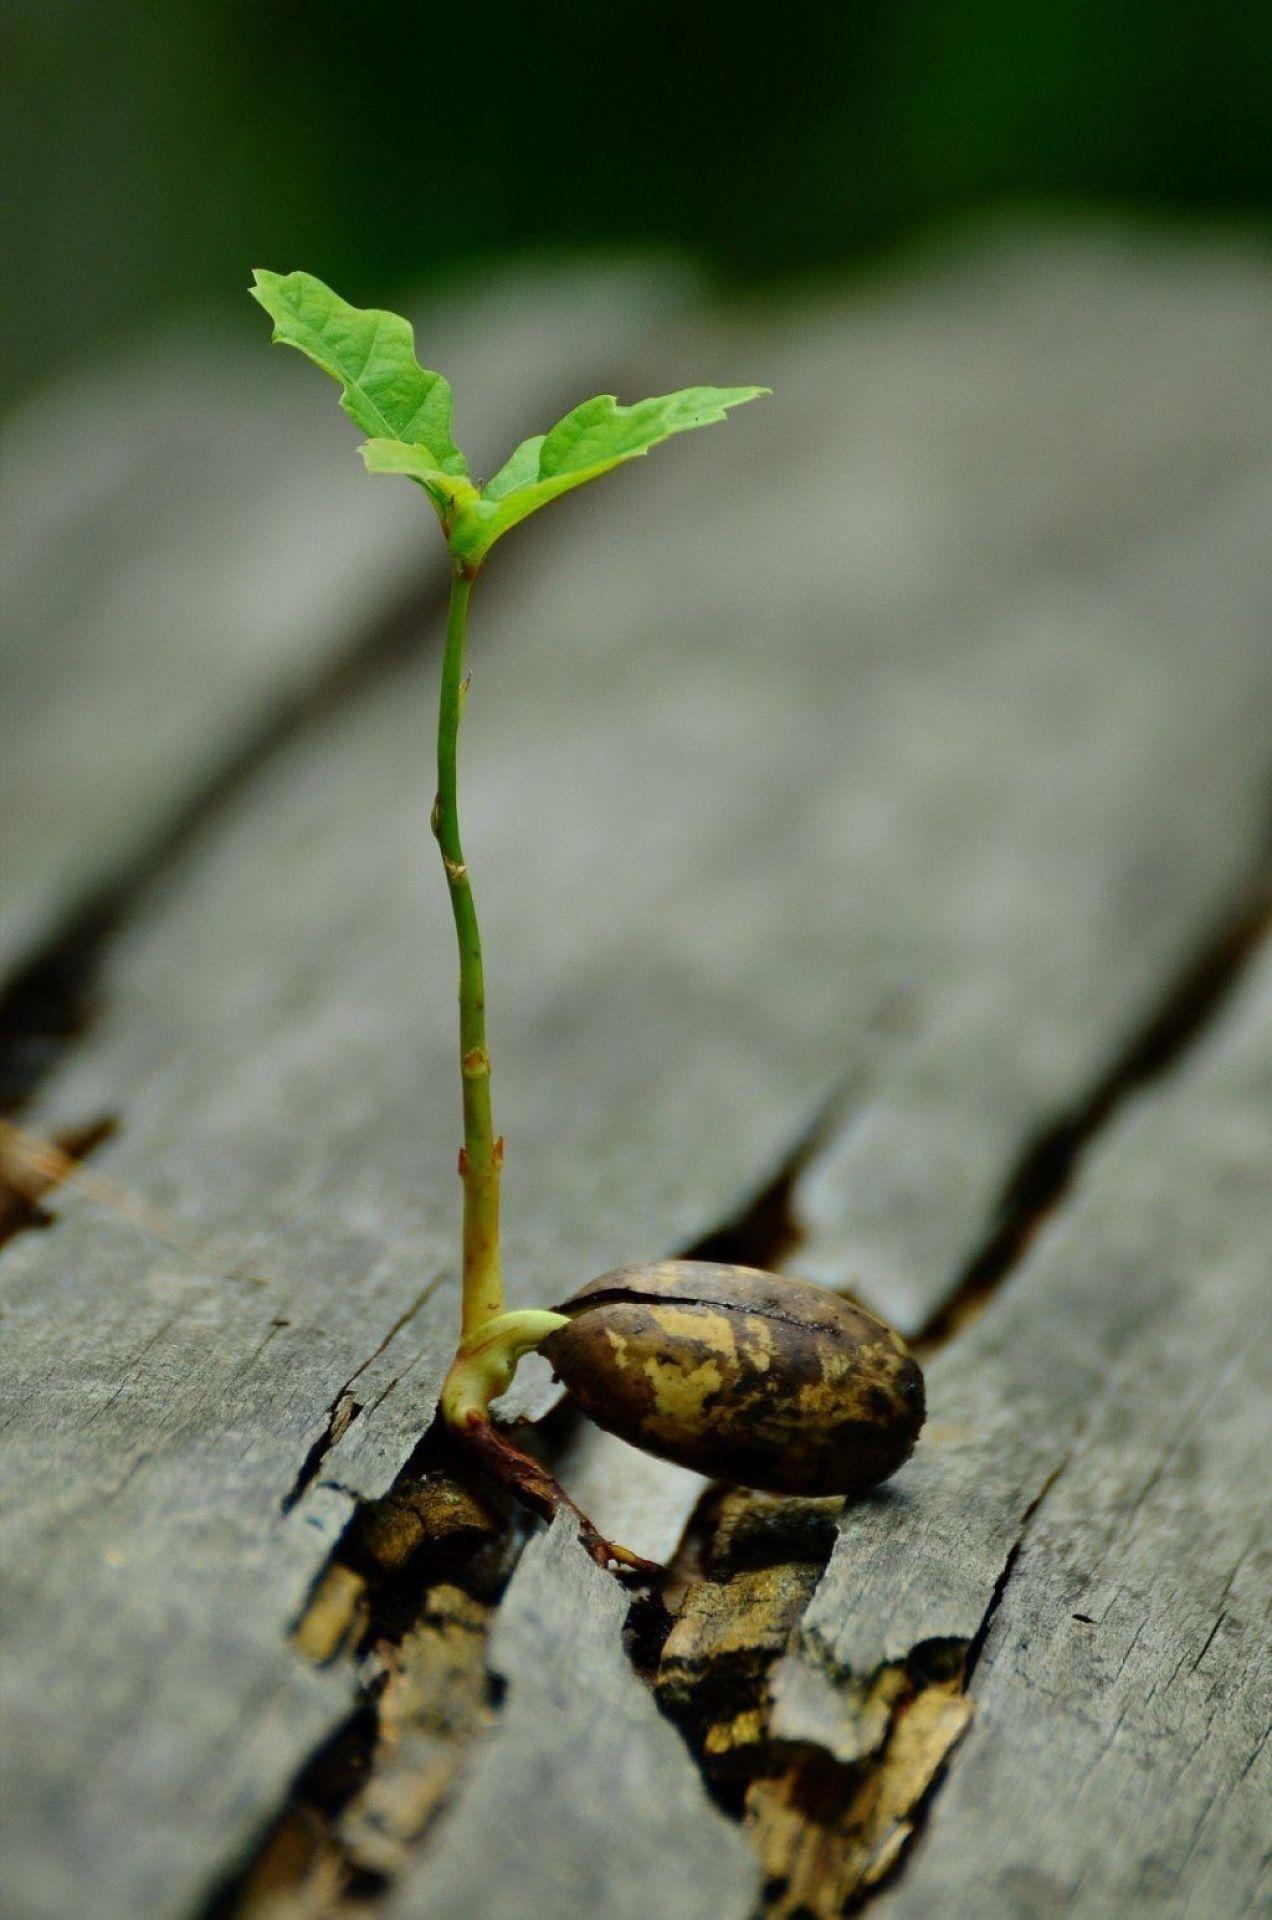 Semilla germinando como nuevas ideas